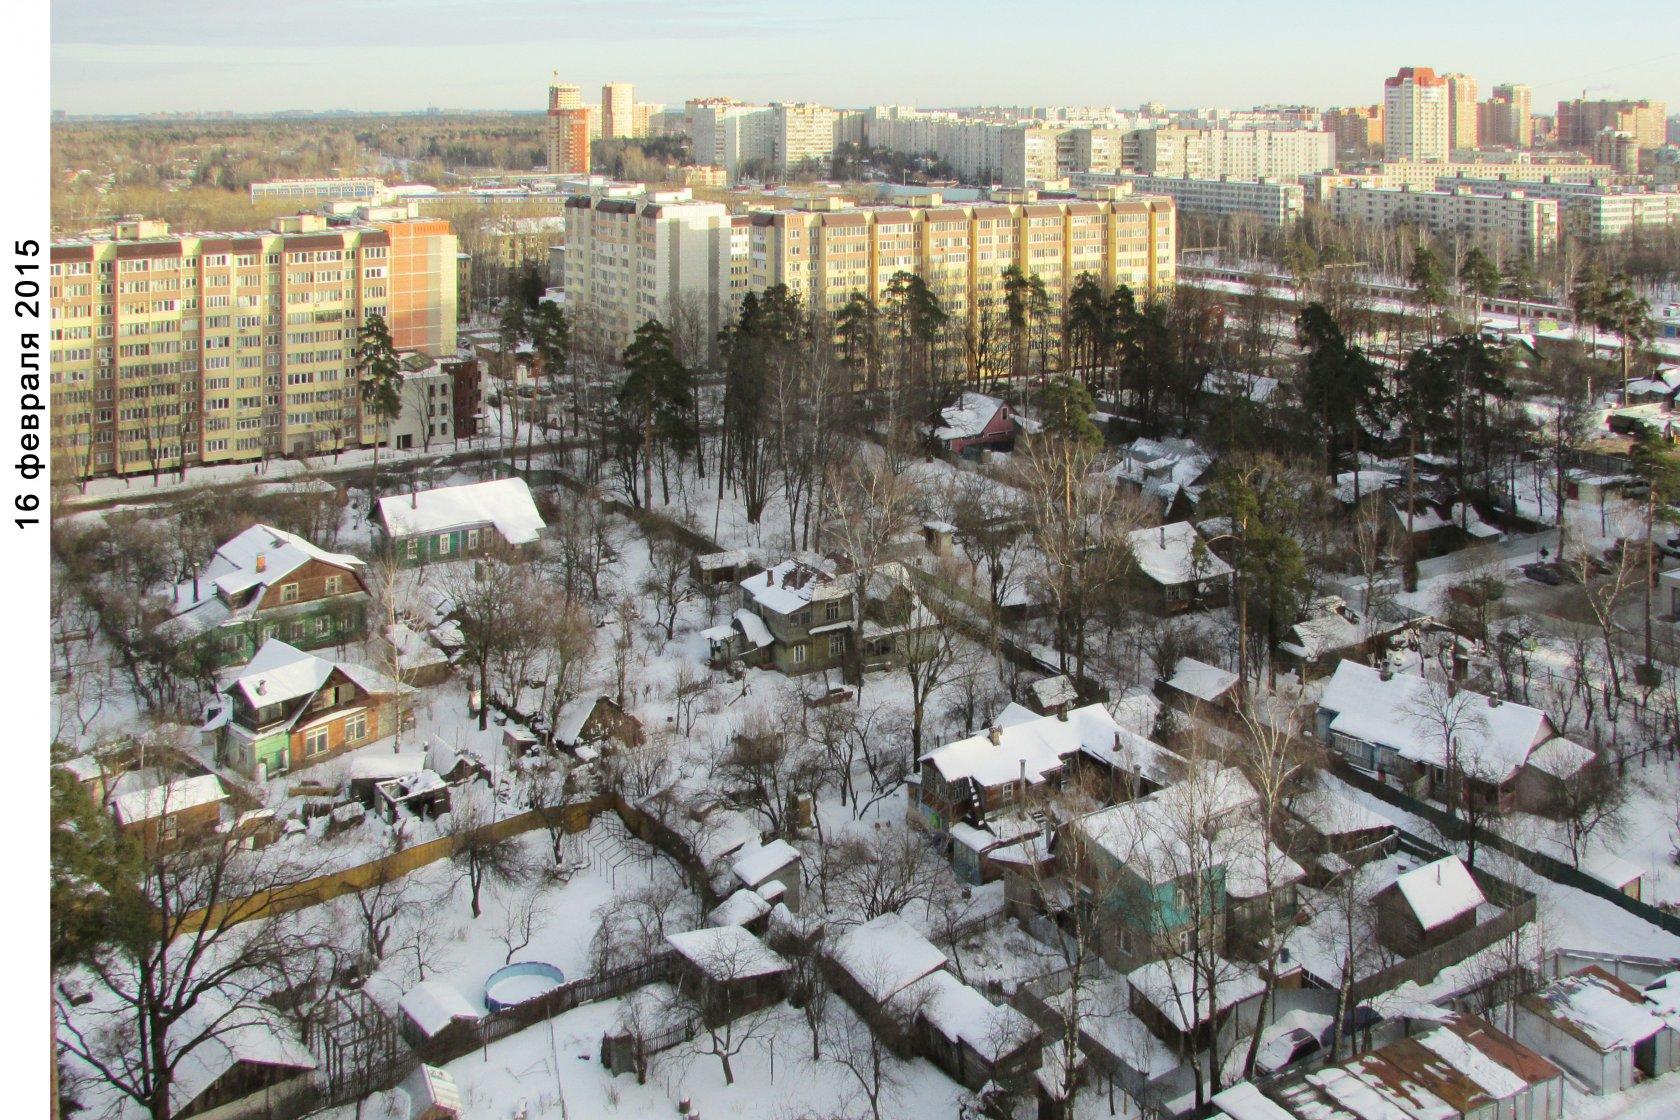 город королев московской области фотографии сливу нечасто